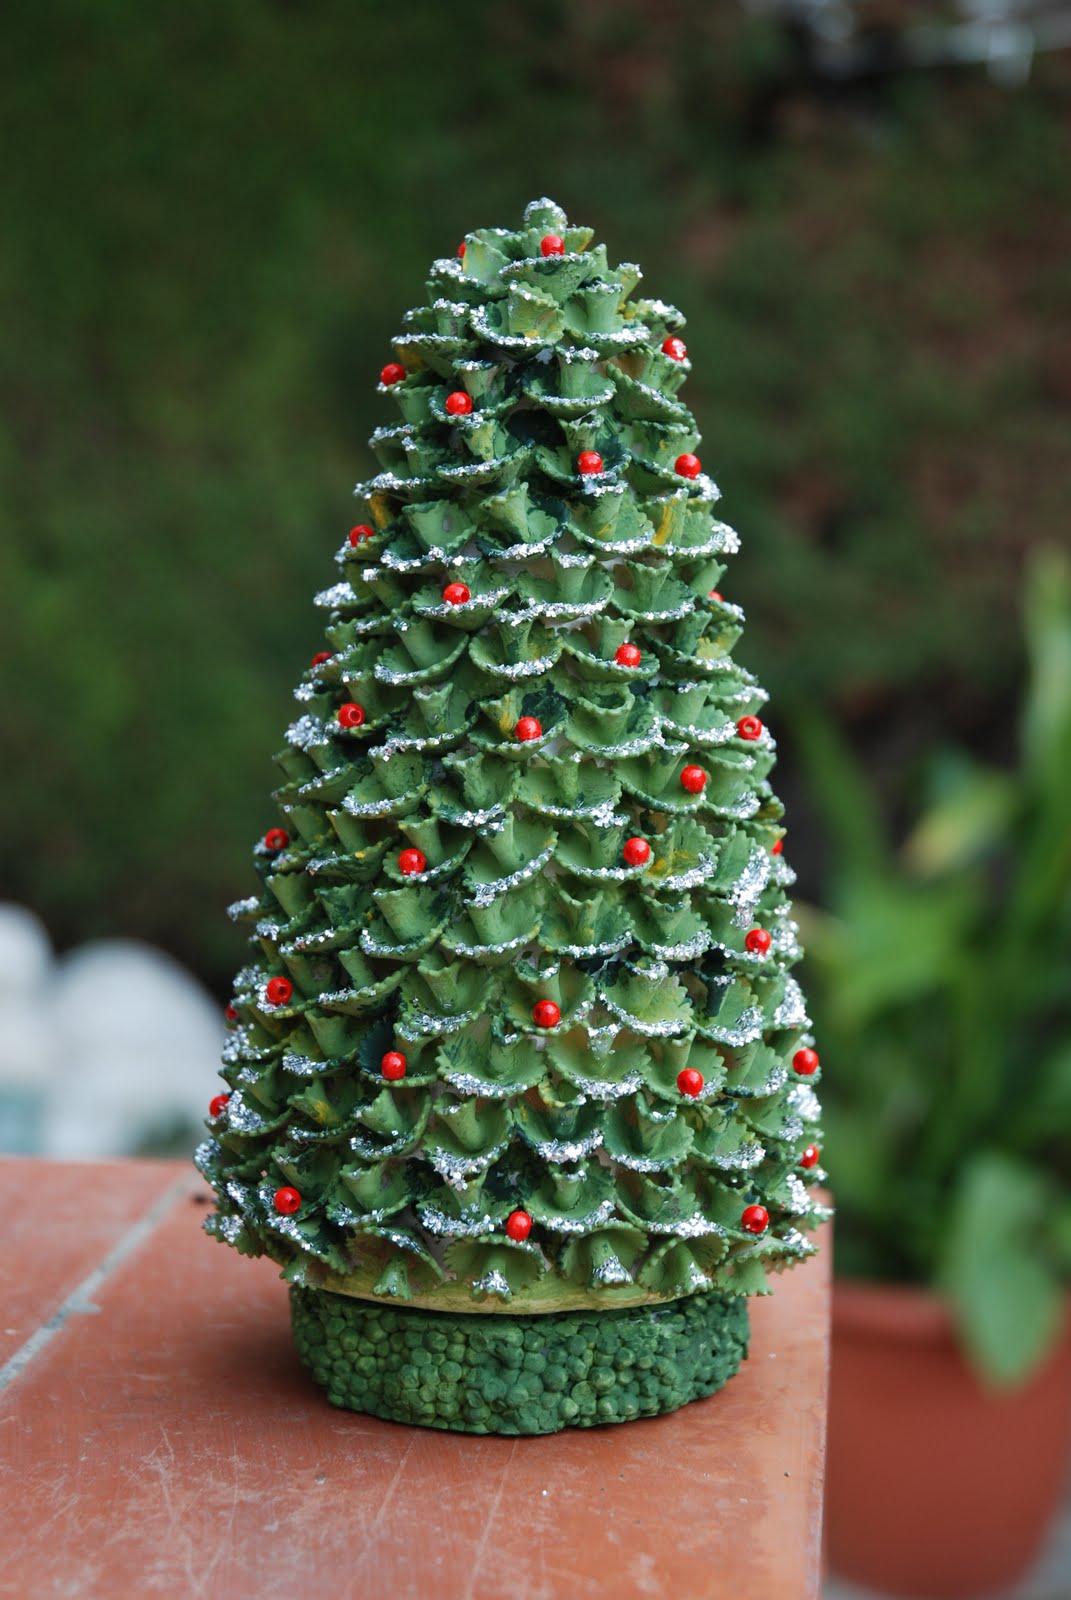 Arboles de navidad diferentes rboles de navidad - Arboles de navidad diferentes ...